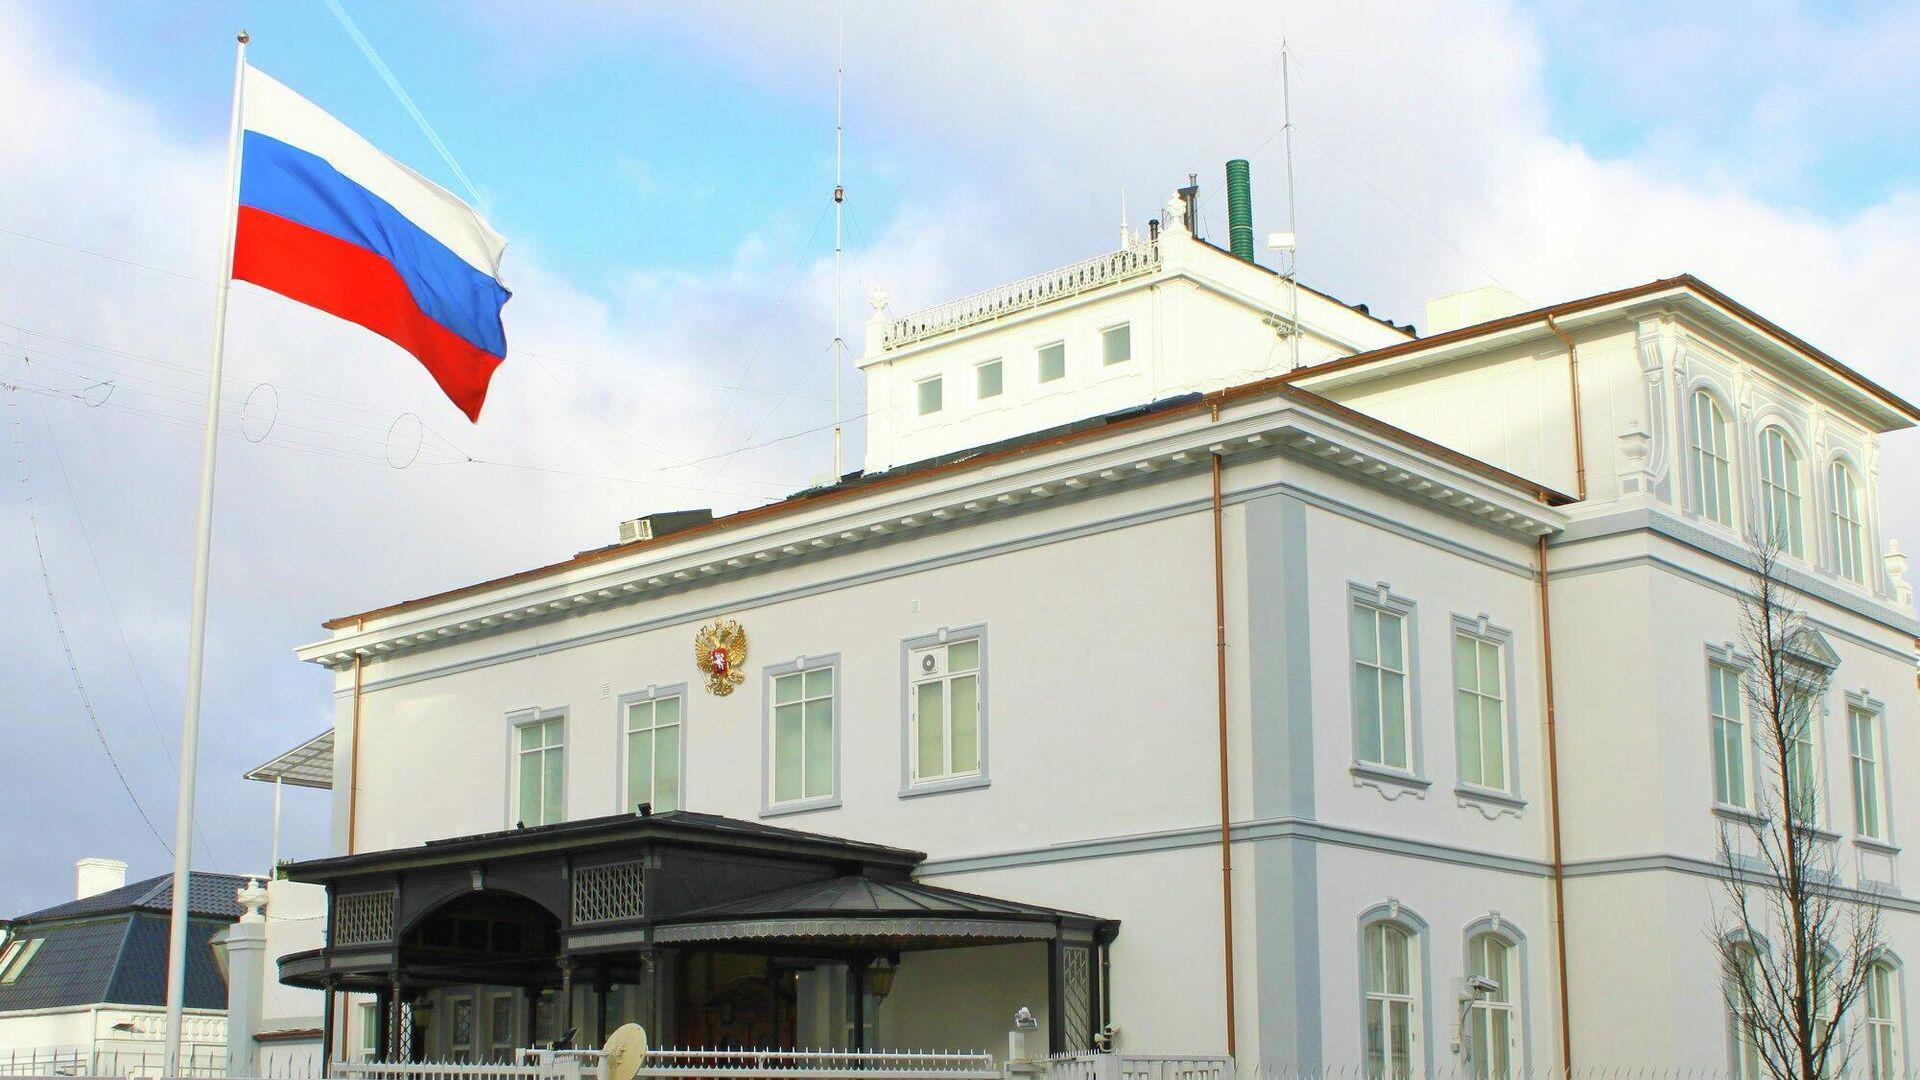 Посольство России в Дании - РИА Новости, 1920, 14.06.2021